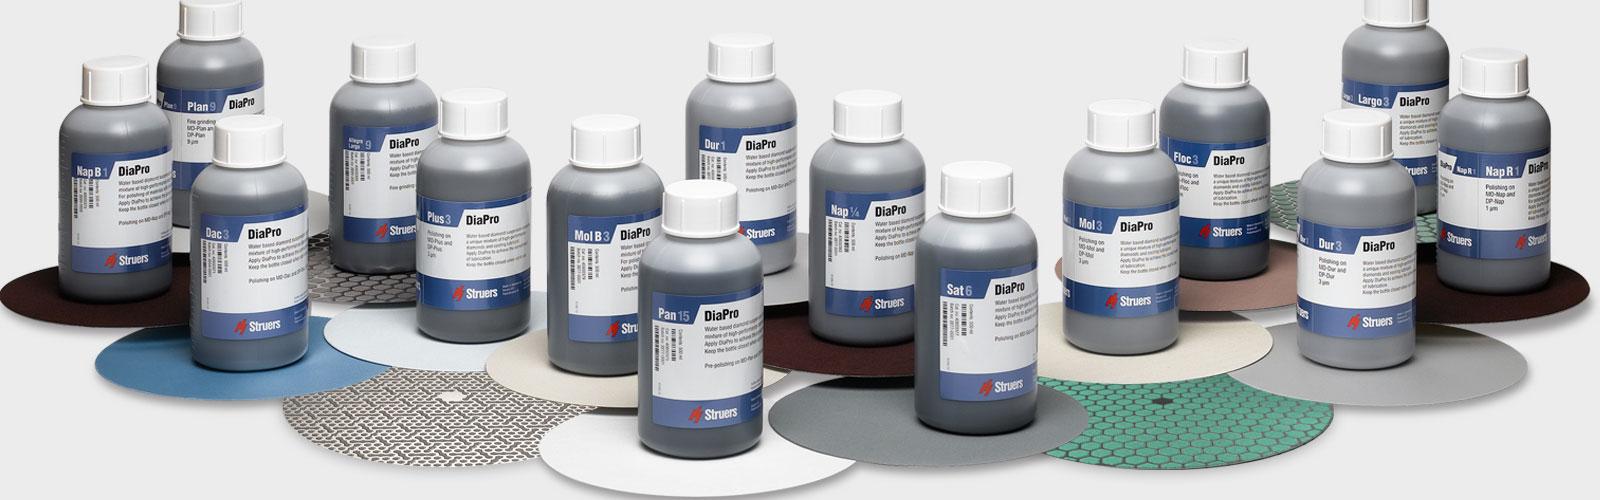 Verbrauchsmaterialien für Schleif- und Poliergeräte